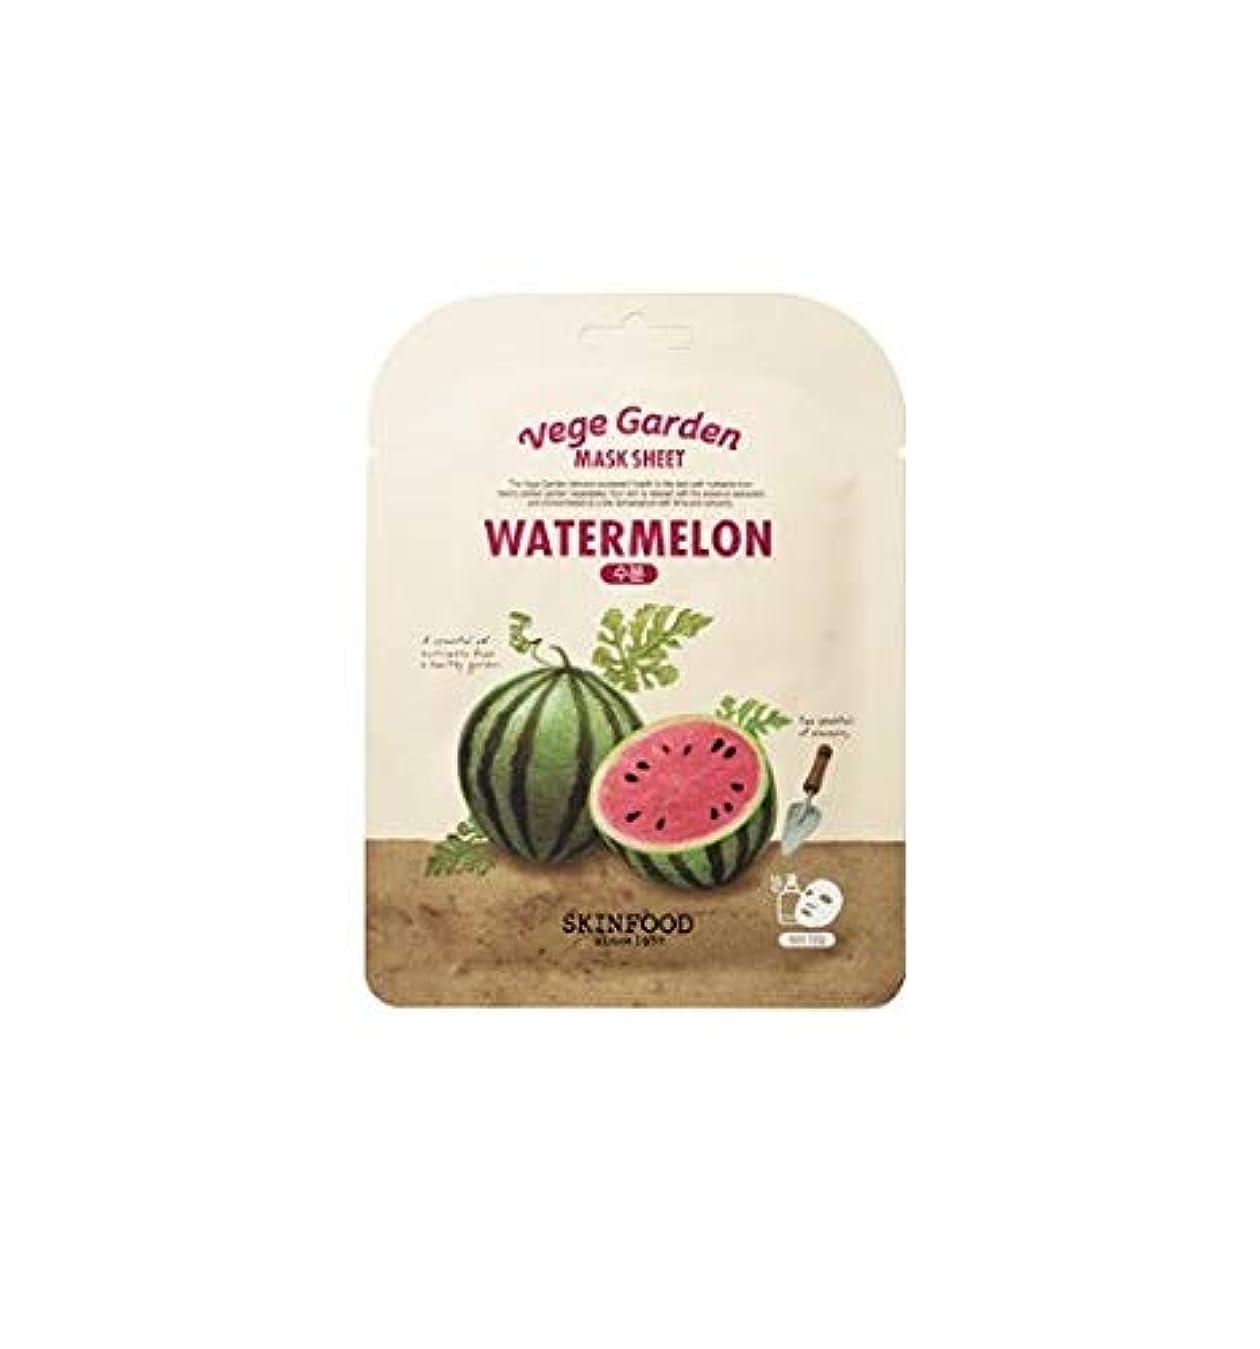 フィッティング不満相対的Skinfood ベジガーデンマスクシート#スイカ* 10ea / Vege Garden Mask Sheet # watermelon *10ea 20ml*10 [並行輸入品]